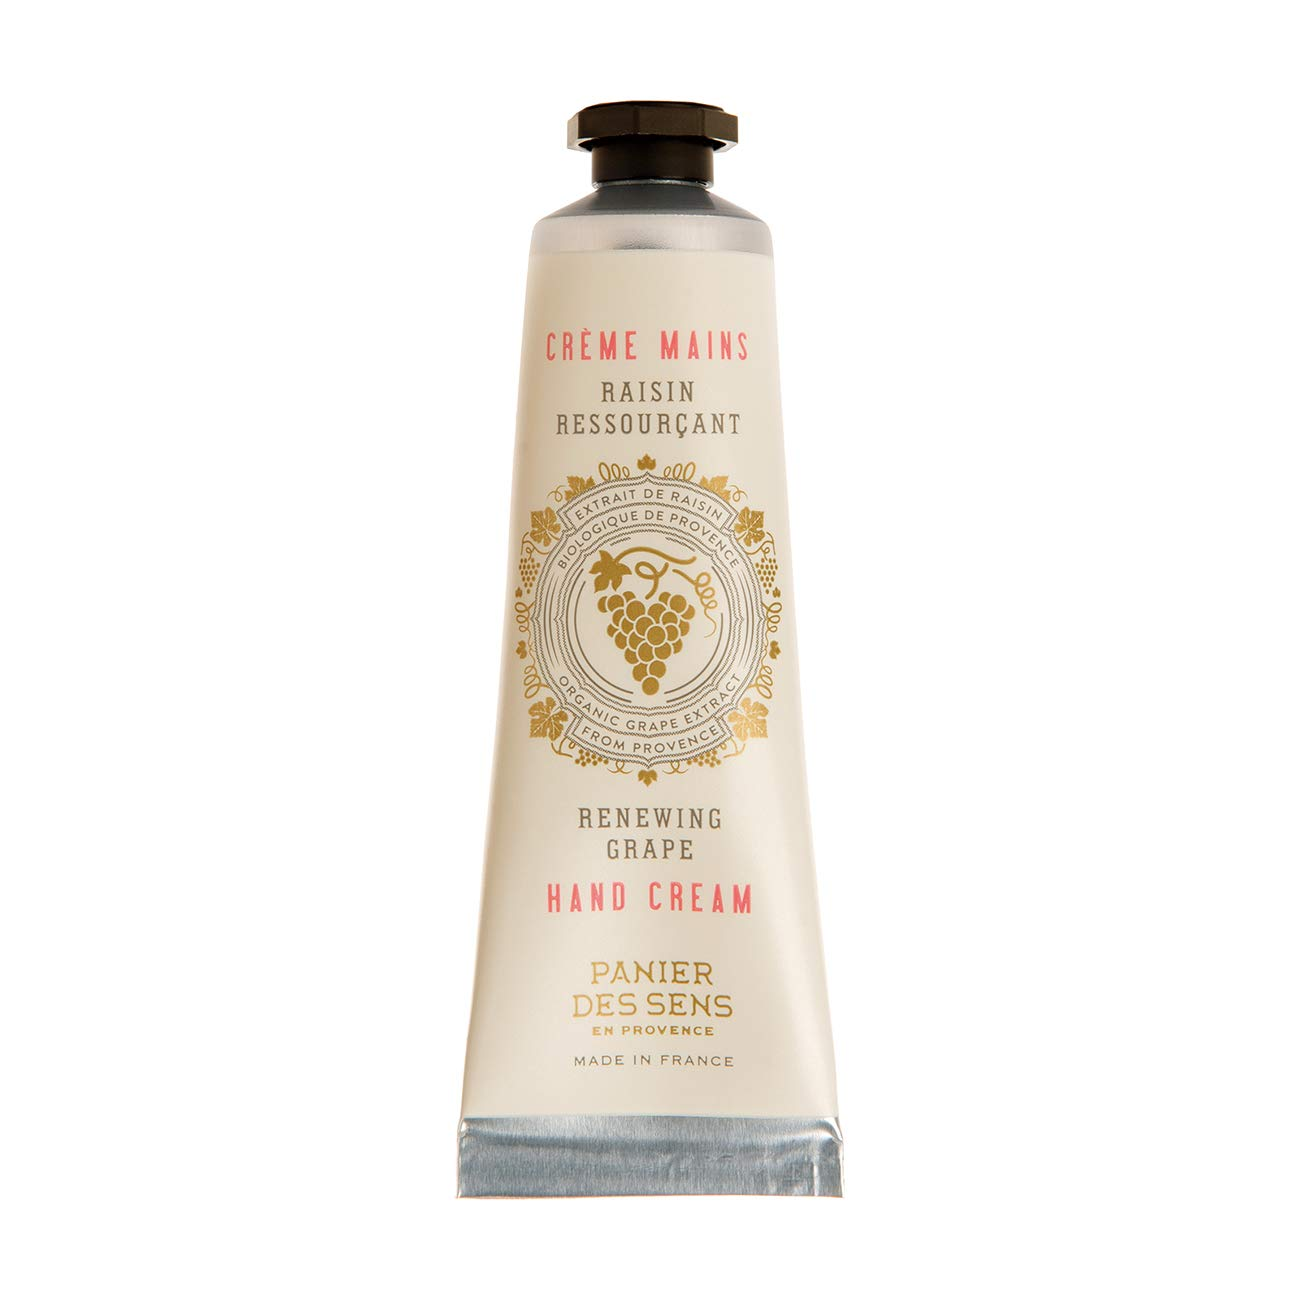 スイ上崩壊パニエデサンス ハンドクリーム ホワイトグレープのフレッシュな香り 30mL(手肌用保湿 フランス製)